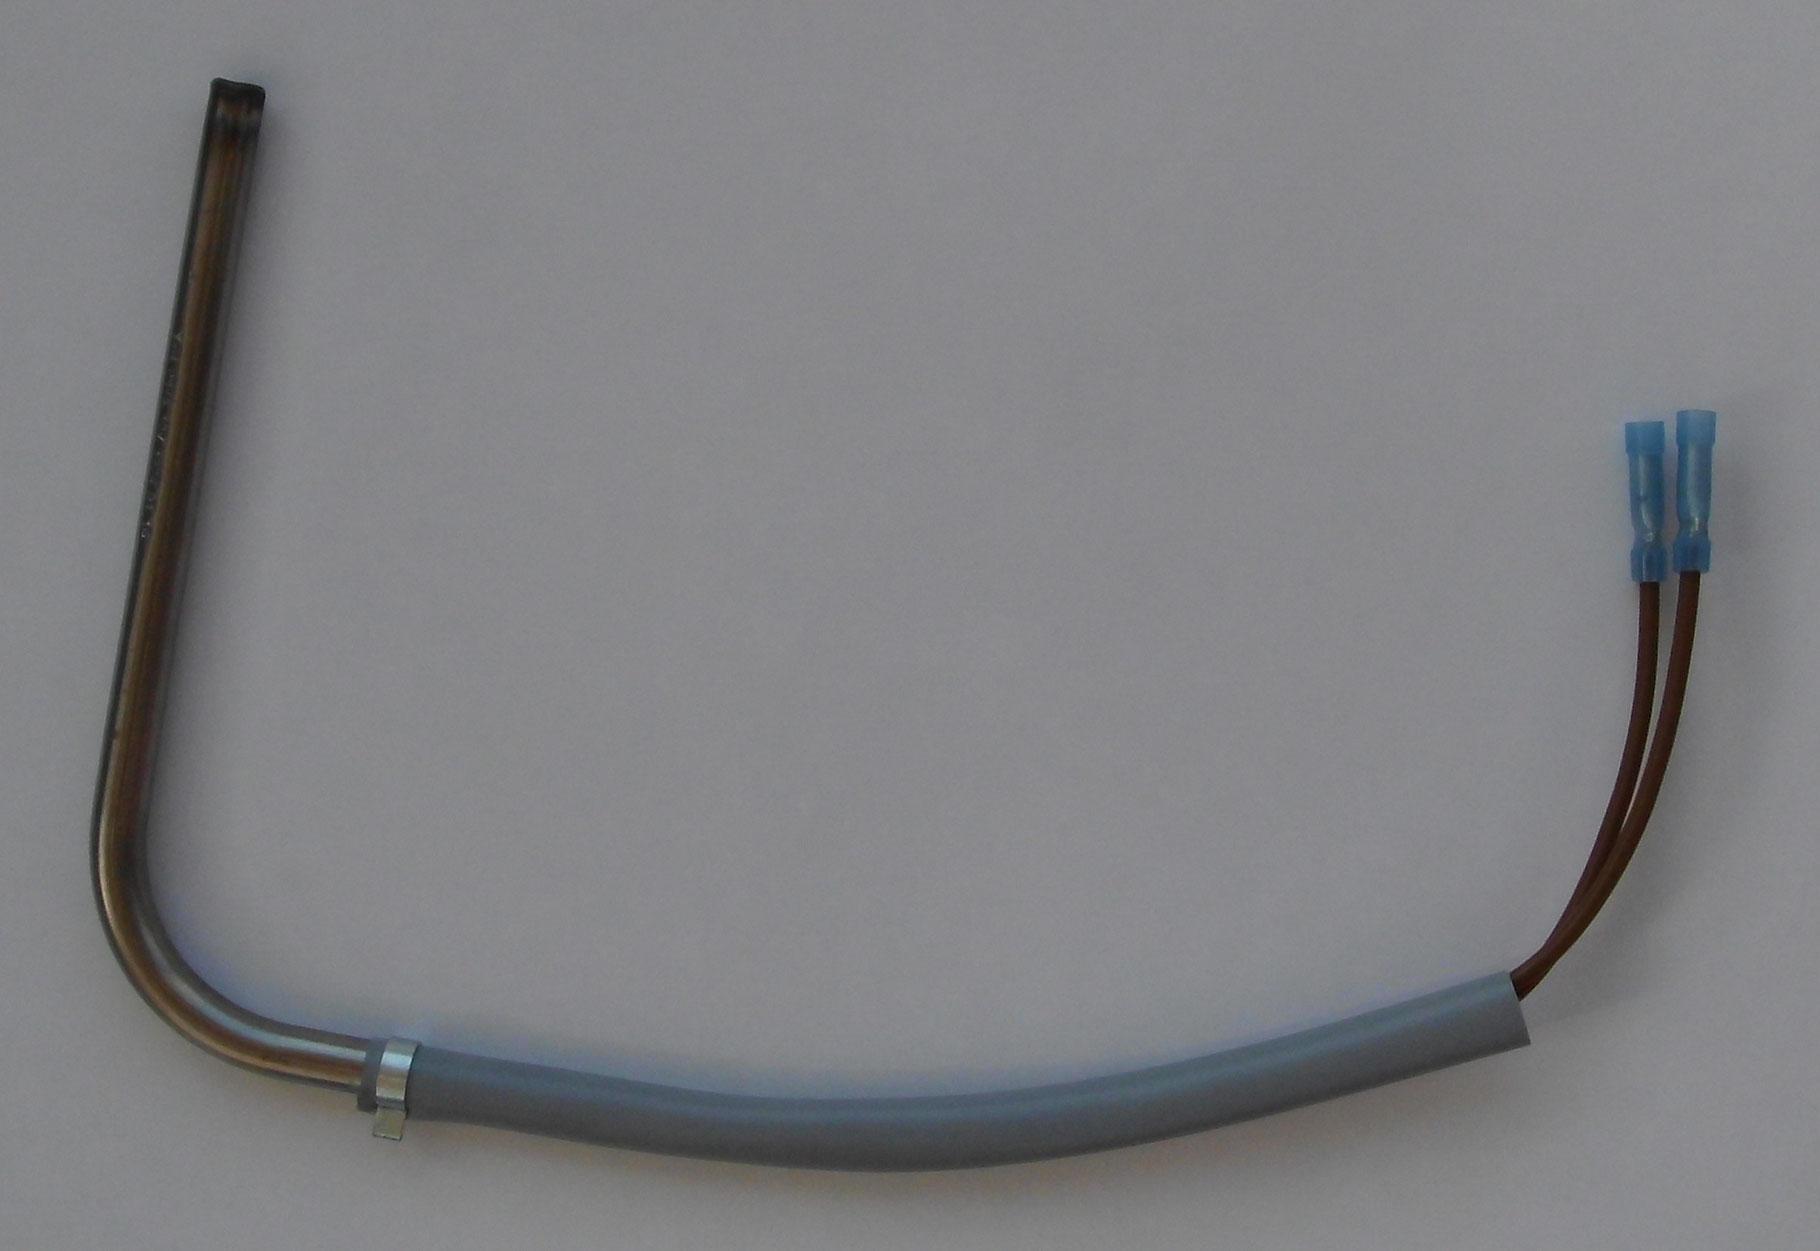 Retro Kühlschrank Notebooksbilliger : Kühlschrank 130 cm exquisit rks 130 11 a 43 43 magnolienweiß bei